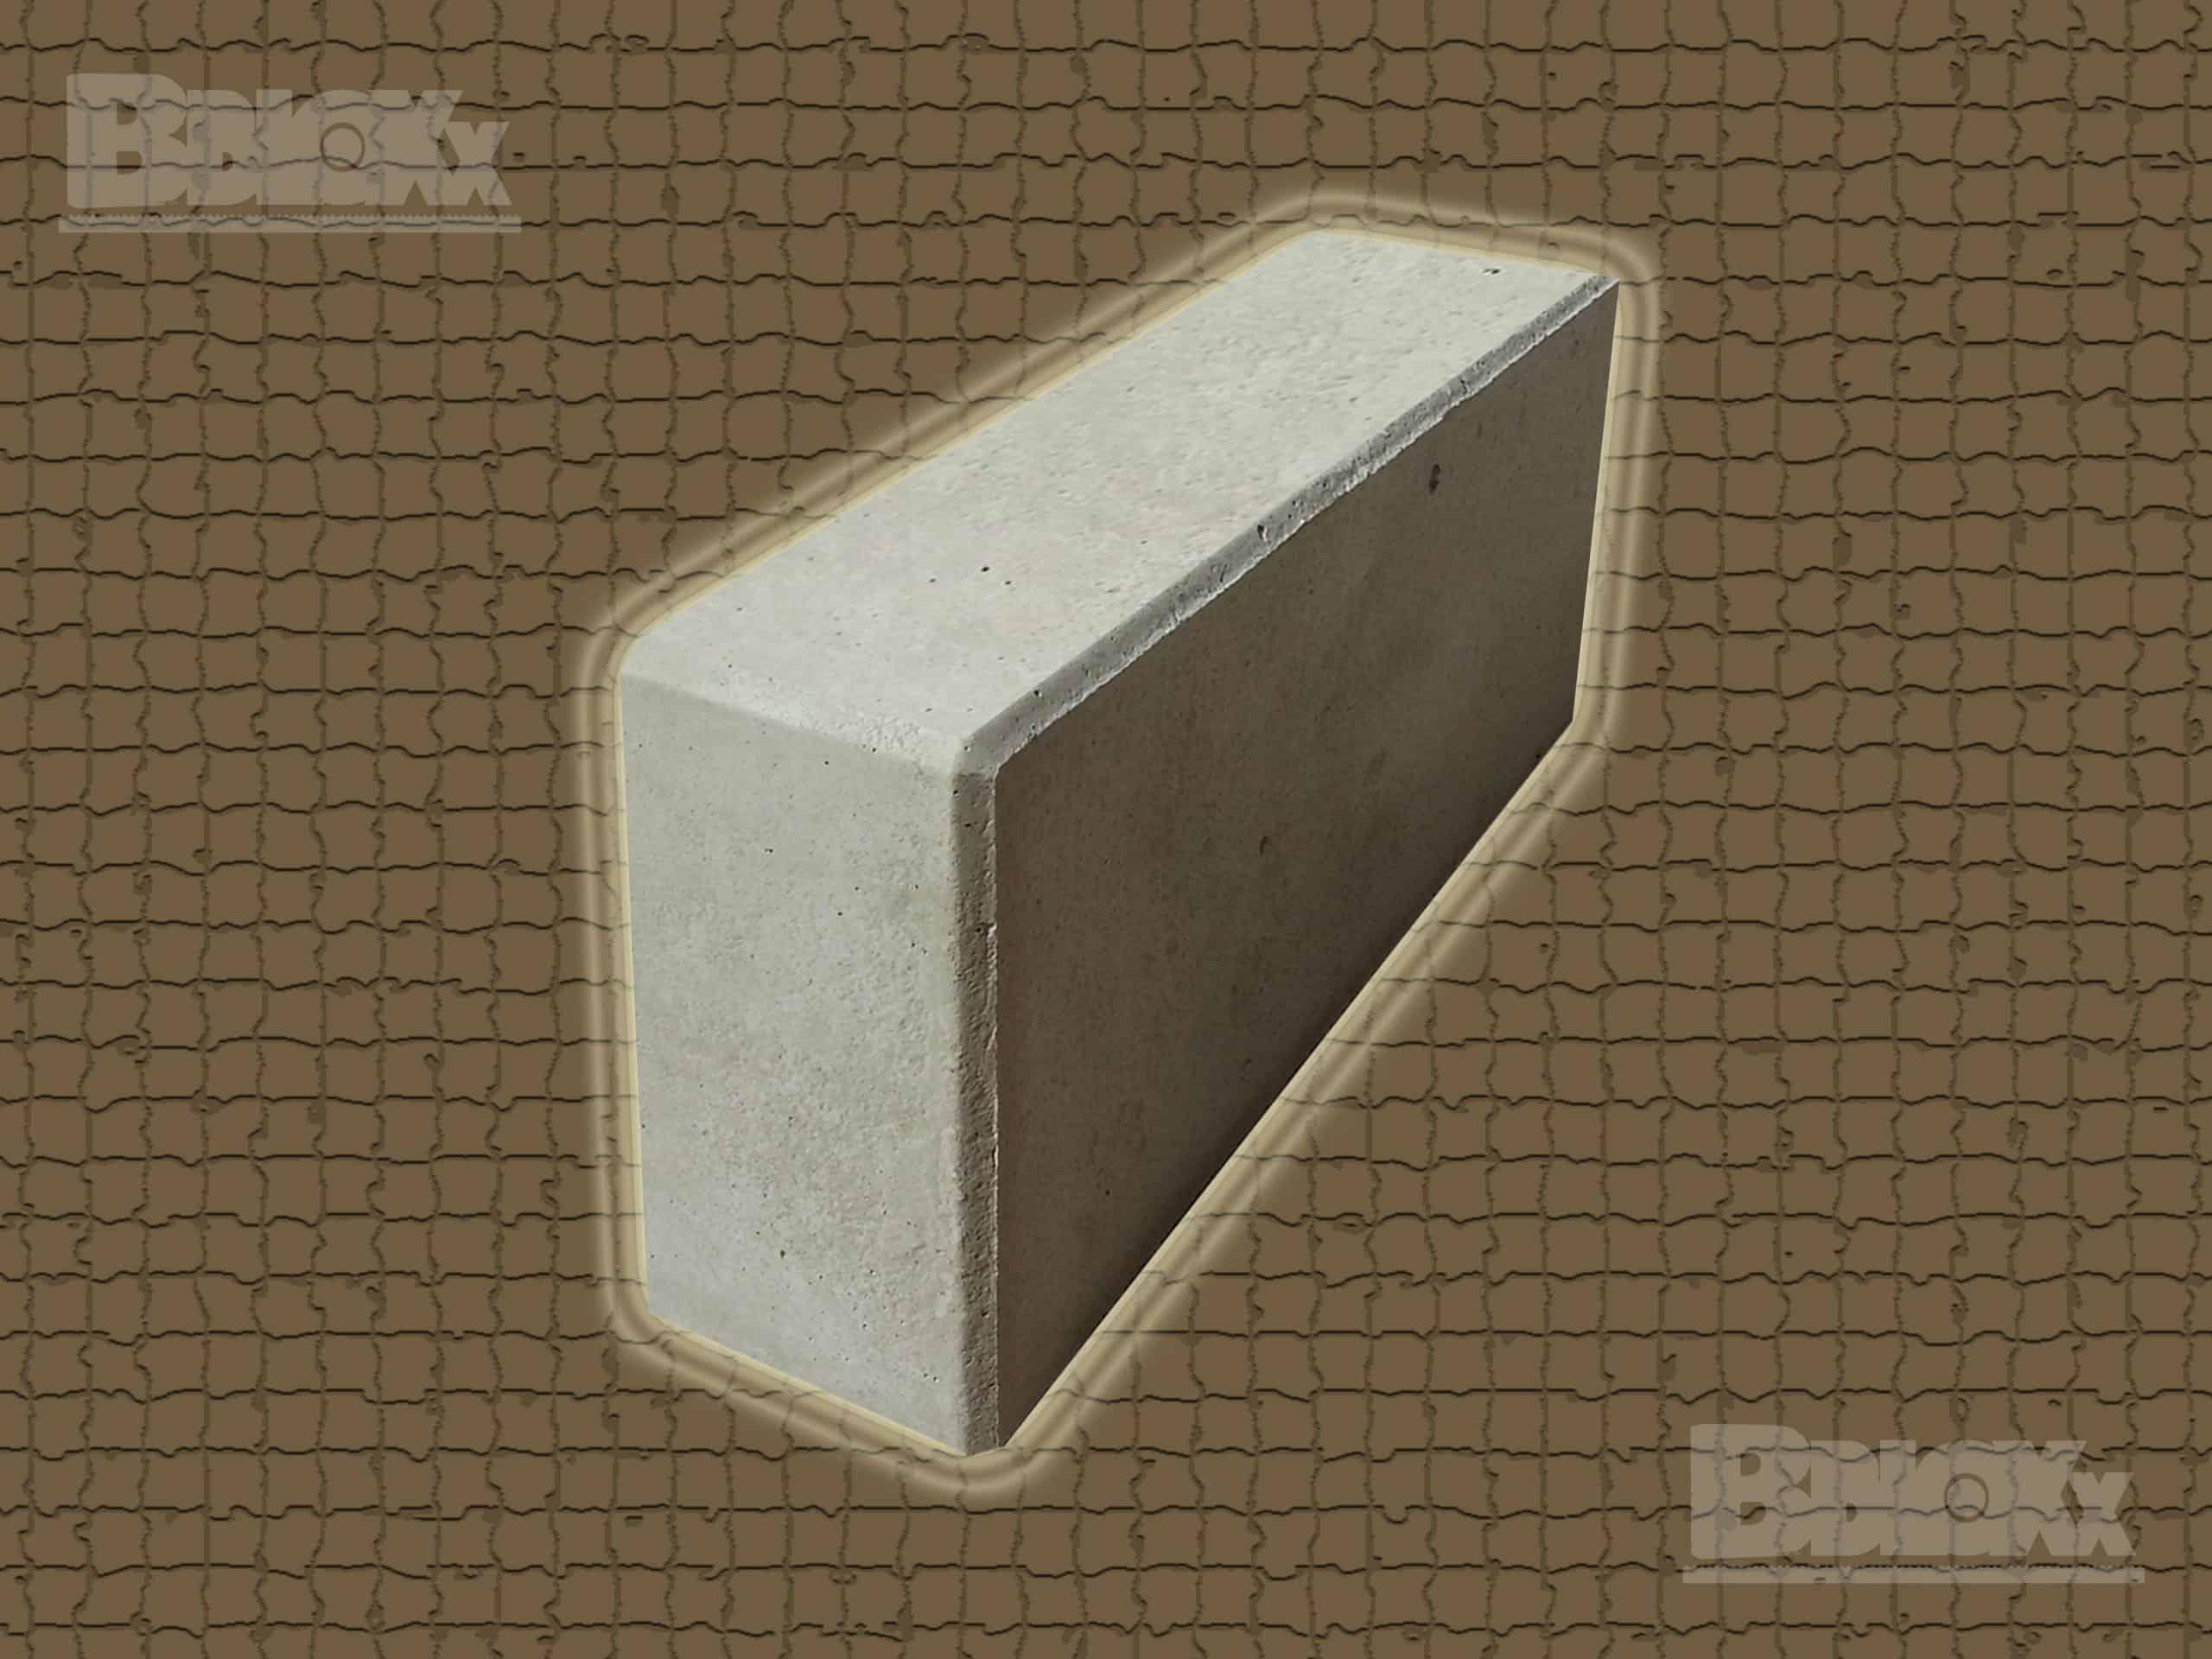 BBloxx-Schnellbaustein | 1.600 x 400 x 800 mm | Beton-Legostein, Betonblock, Beton-Stapelstein